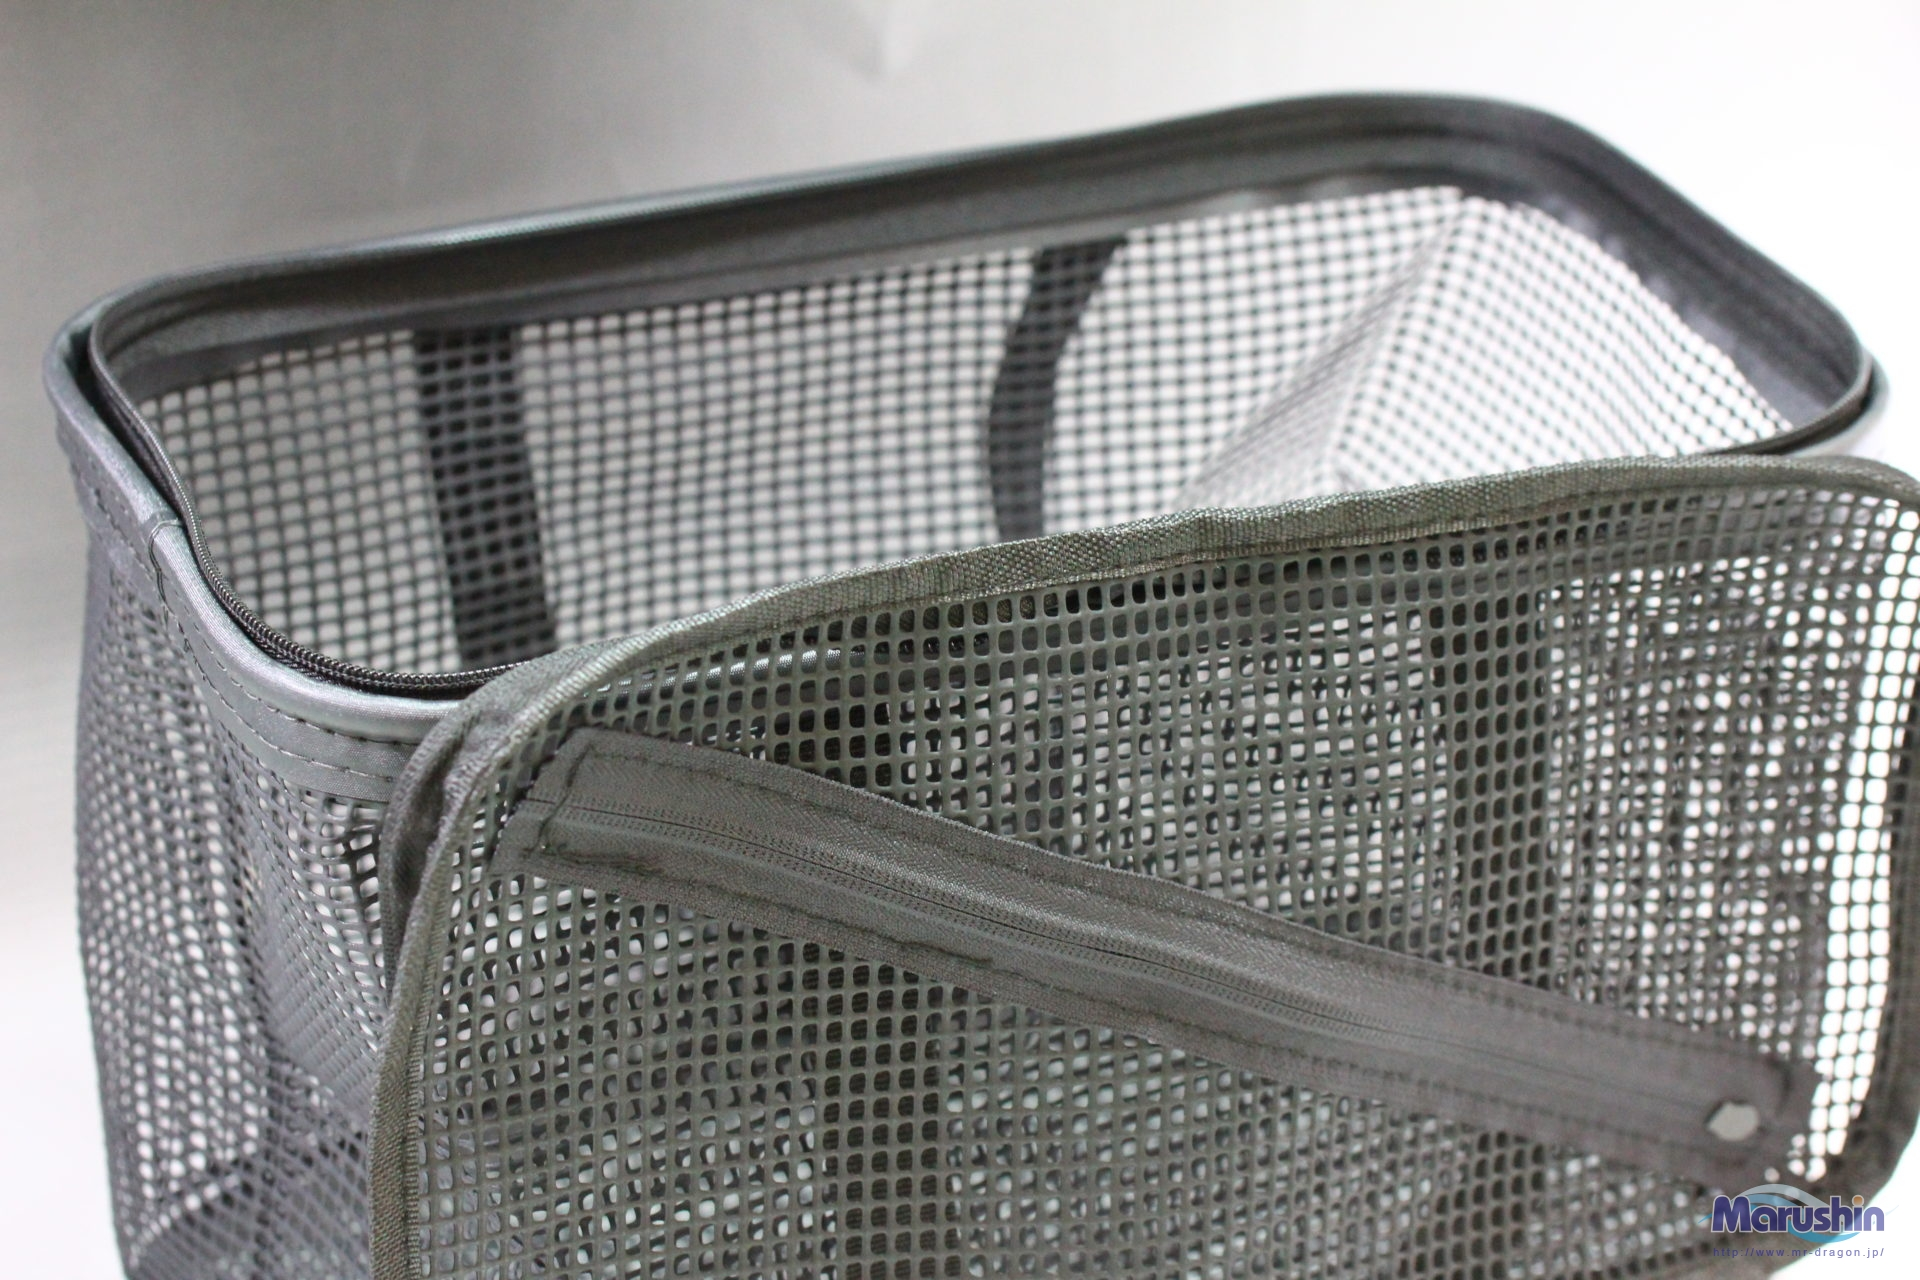 ウォッシャブルバケット (21×15×15)、(37×21×22)イメージ画像